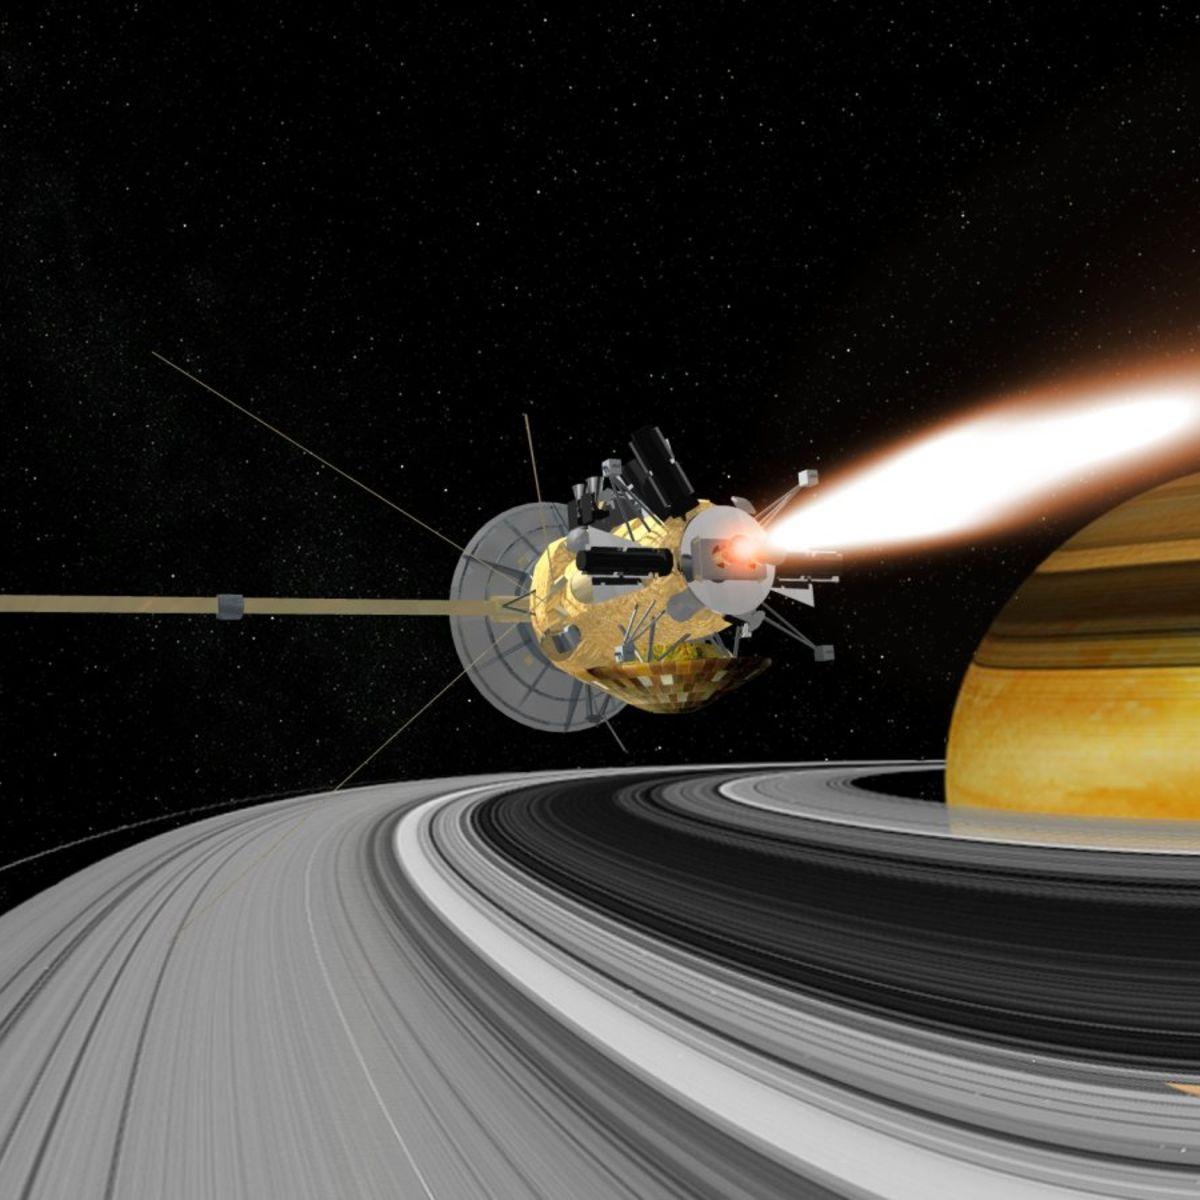 Artwork: Cassini enters Saturn orbit in 2004